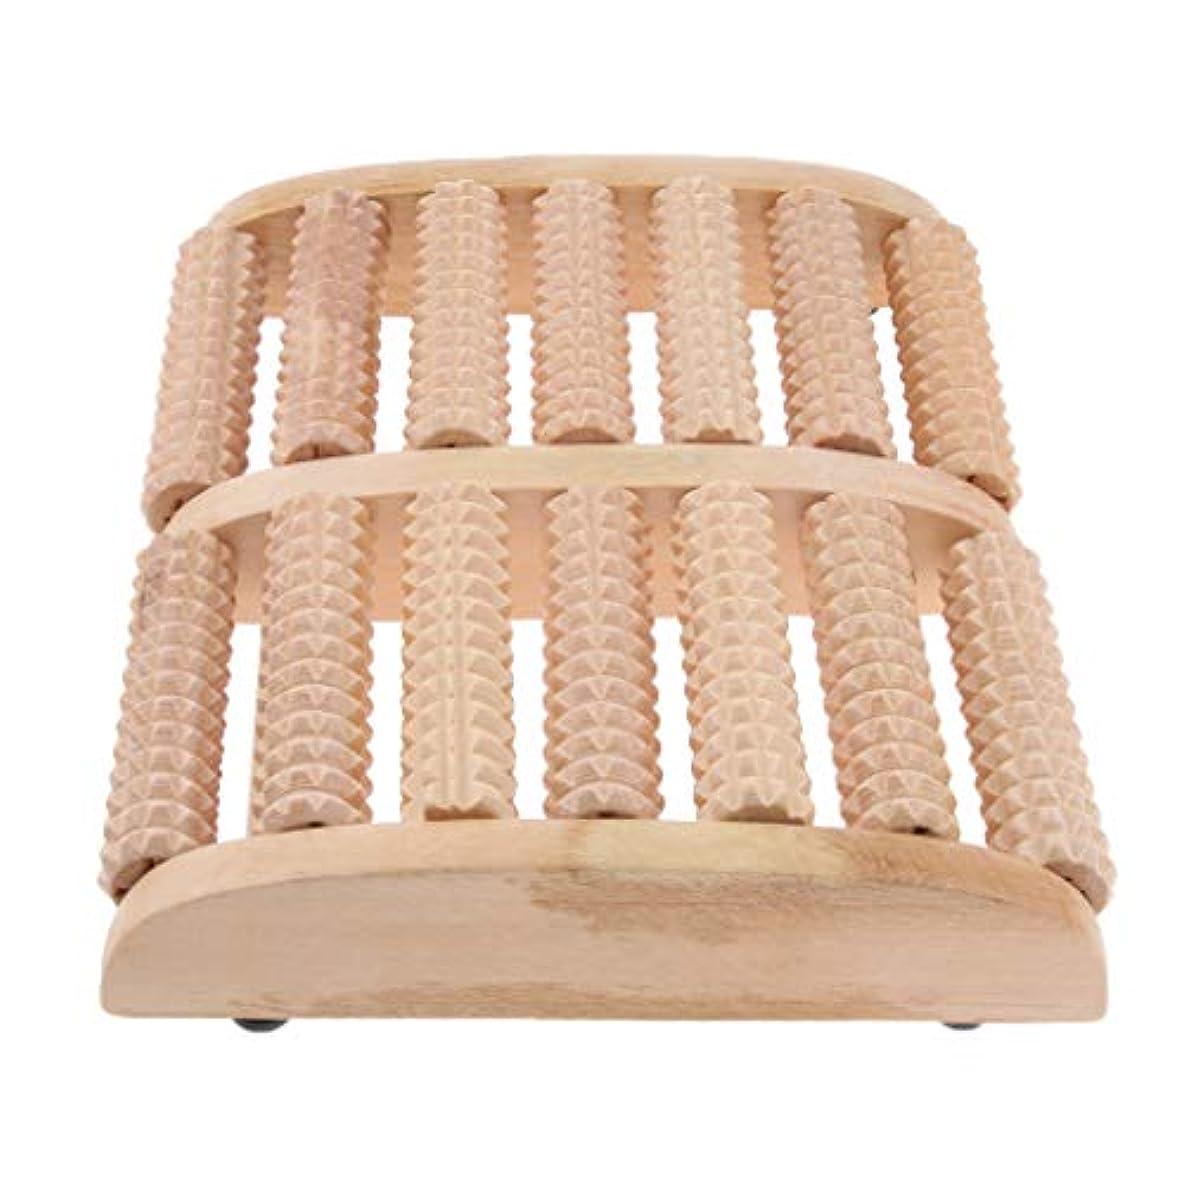 ケーブルカー記録レスリングD DOLITY フットマッサージ ウッドローラーマッサージャー ツボ押し 足底筋膜炎 ストレス軽減 痛み緩和 7行